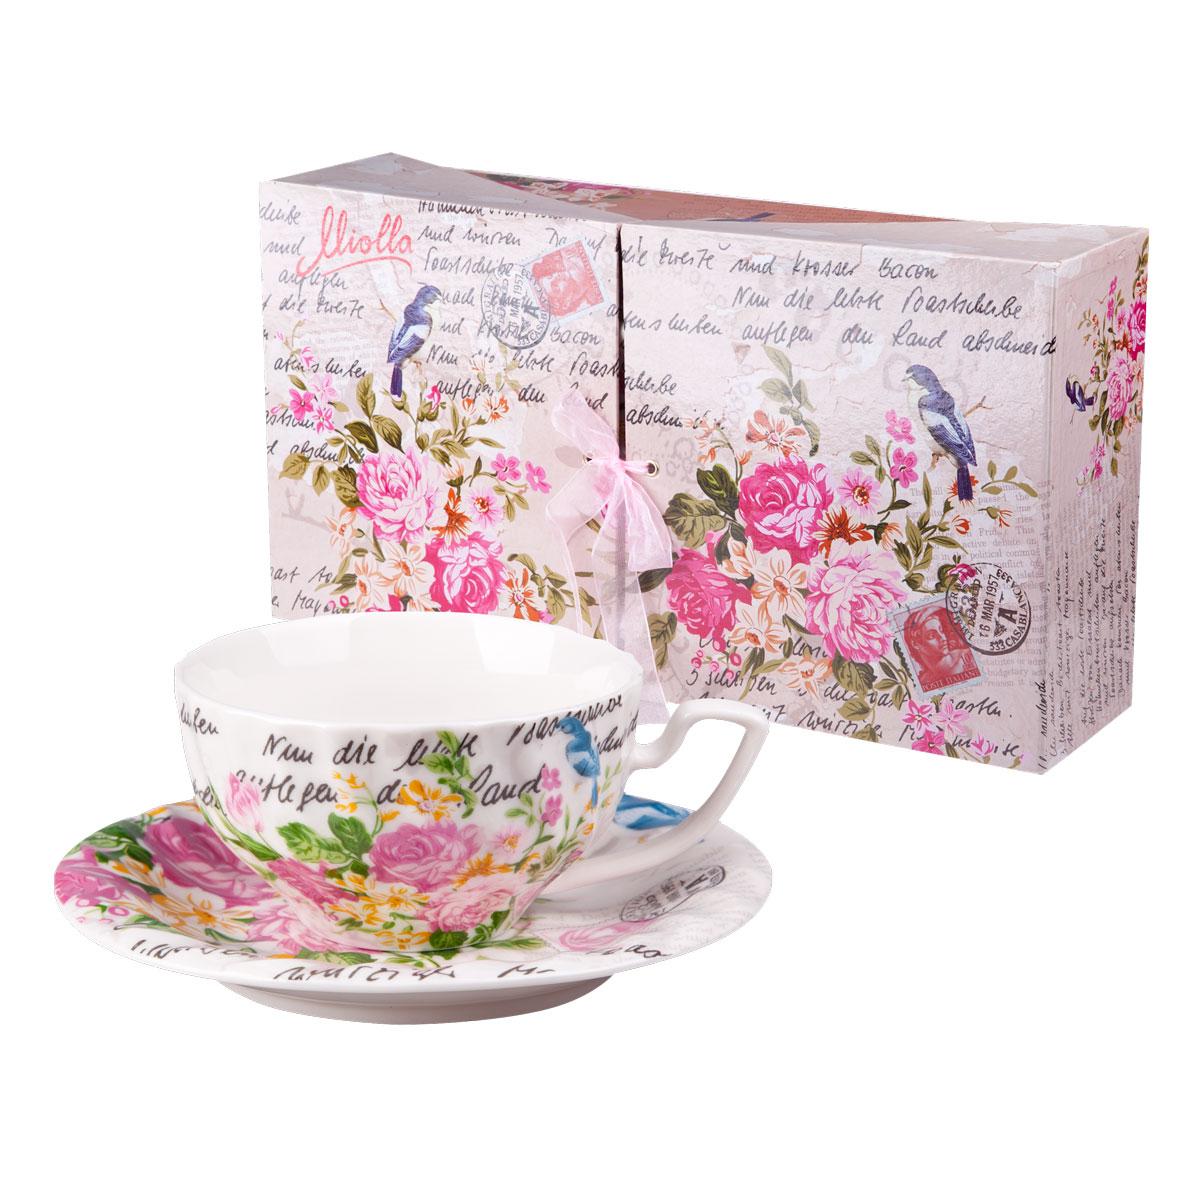 Набор для чая РОЗАЛИЯ, 12 предметов (чашка 220 мл 6 шт, блюдце 6 шт.)WT121006-220LW6Выбор подарка – непростая задача для многих.Набор для чая - не просто подарок, но и гарантия хорошего настроения.